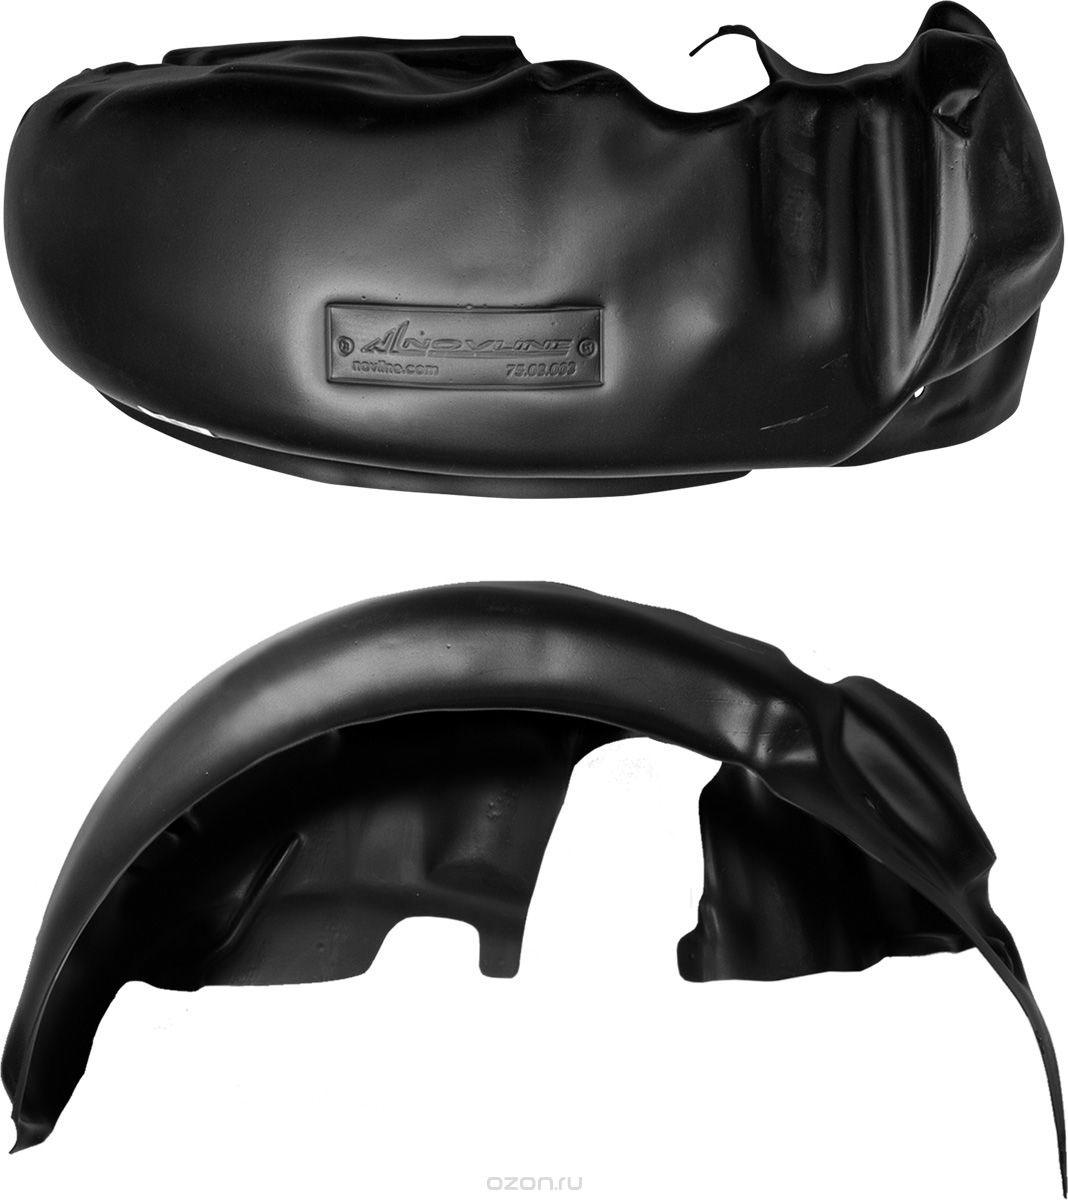 Подкрылок Novline-Autofamily, для ВАЗ 2105,07 1982-2010, б/б, задний левый000203Идеальная защита колесной ниши. Локеры разработаны с применением цифровых технологий, гарантируют максимальную повторяемость поверхности арки. Изделия устанавливаются без нарушения лакокрасочного покрытия автомобиля, каждый подкрылок комплектуется крепежом. Уважаемые клиенты, обращаем ваше внимание, что фотографии на подкрылки универсальные и не отражают реальную форму изделия. При этом само изделие идет точно под размер указанного автомобиля.